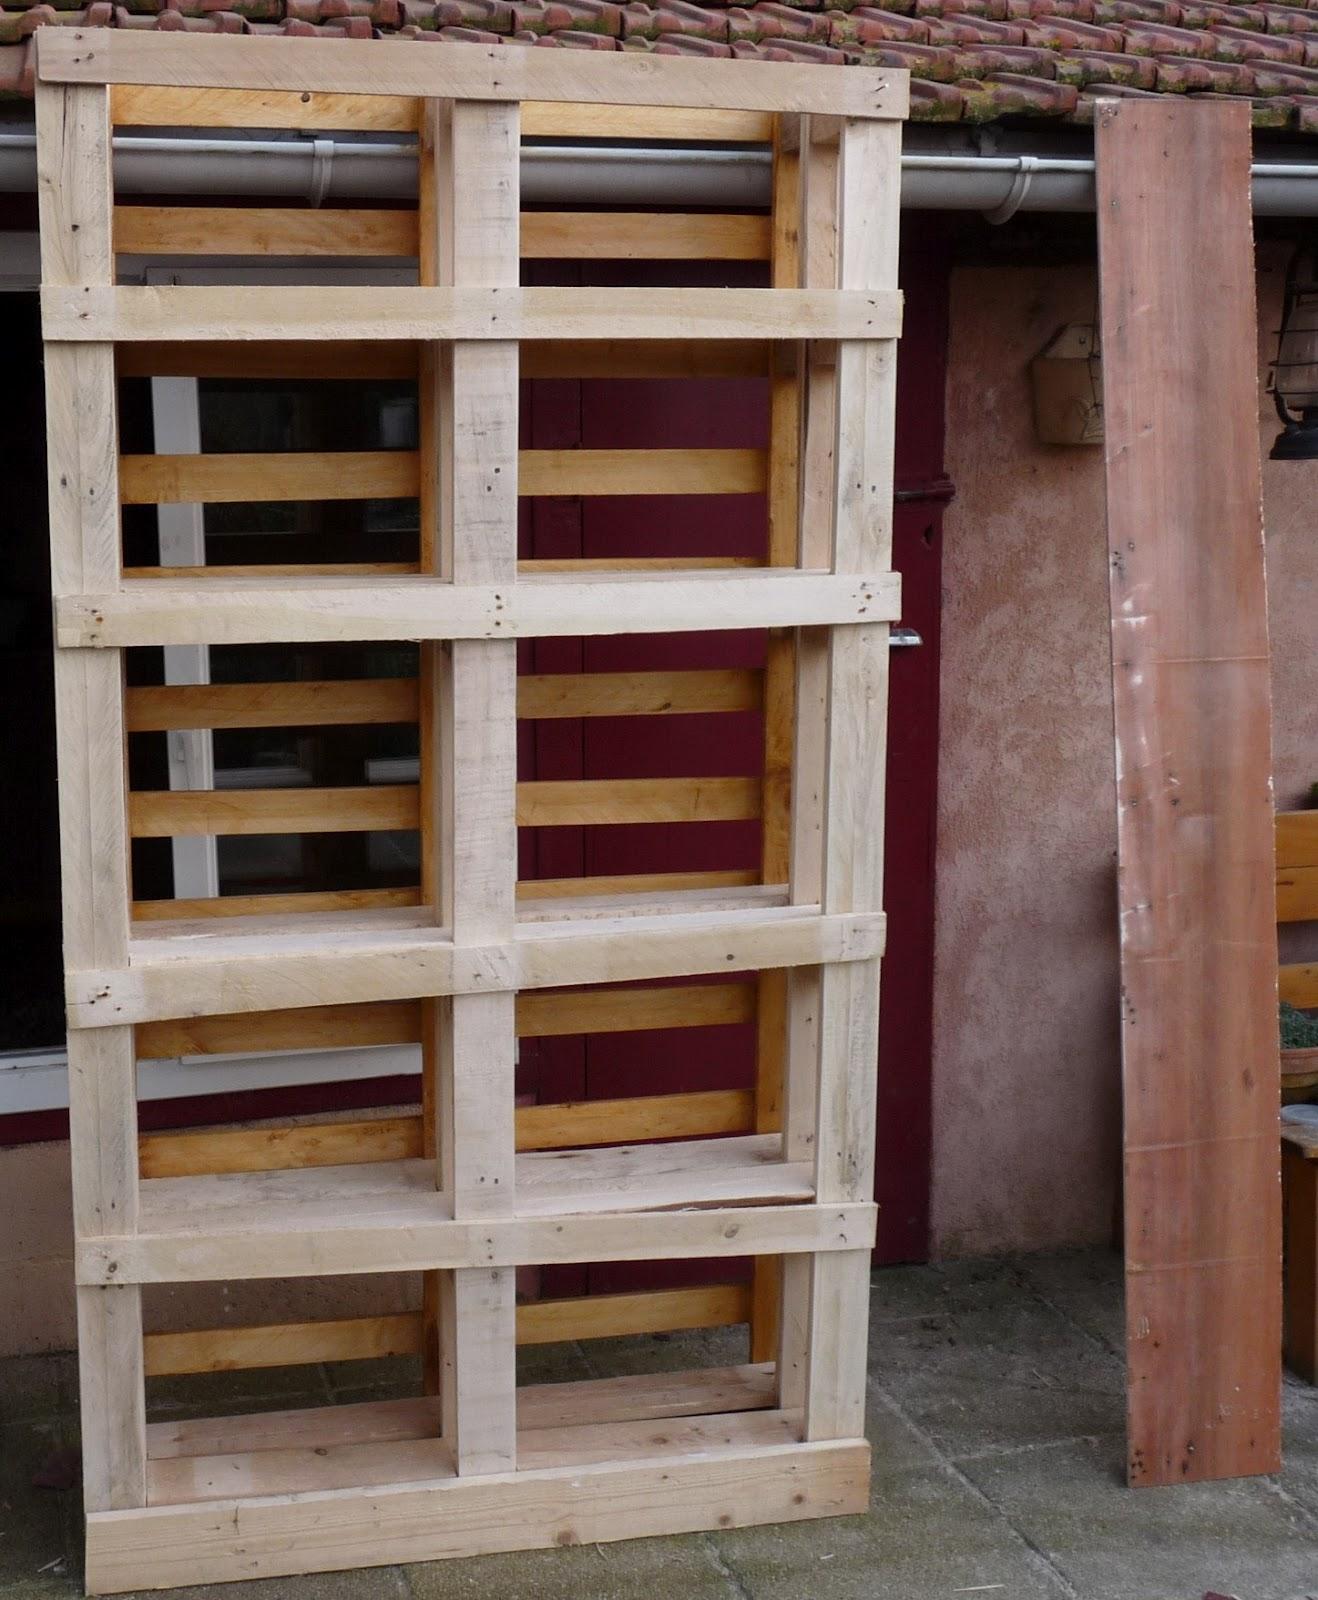 Fabuleux Construire Une Etagere Bois - Maison Design - Bahbe.com QB31